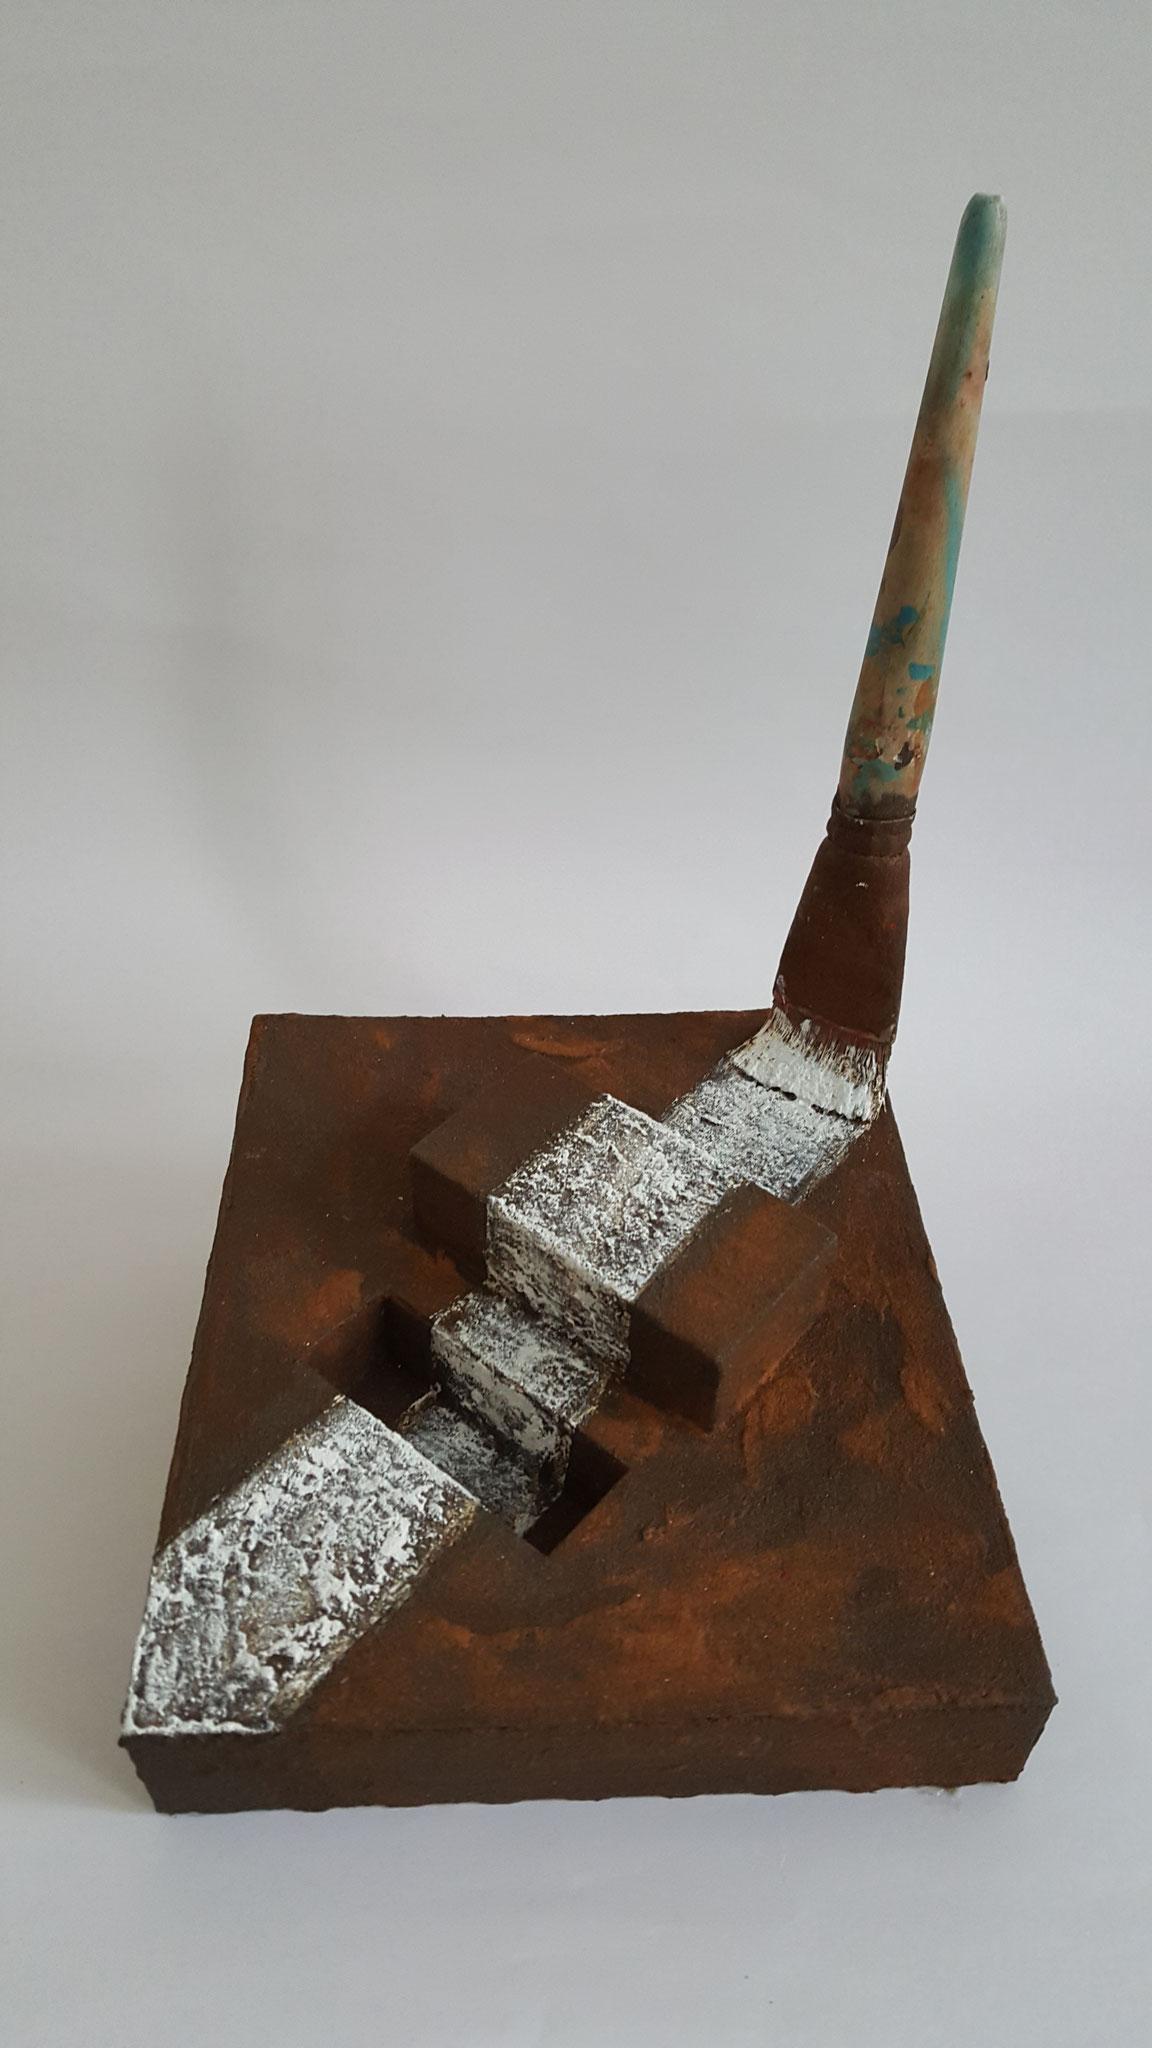 Grenzen sind menschengemacht, 2018, 25 x 21 x 19 cm, Objekt